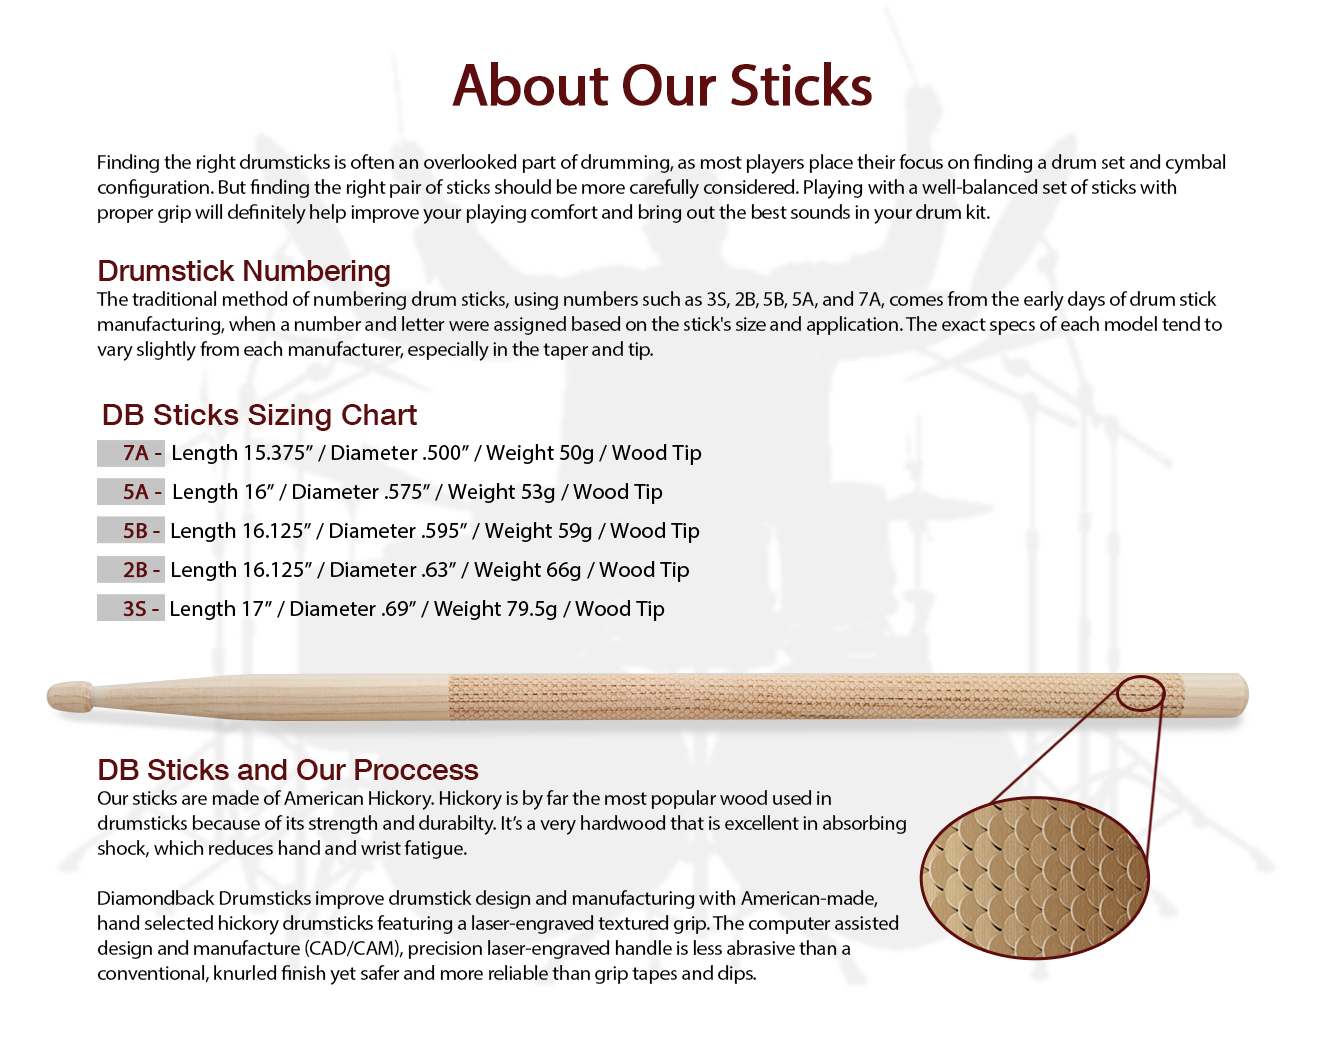 7A Diamondback Drumsticks Hickory Laser Engraved Drum Sticks